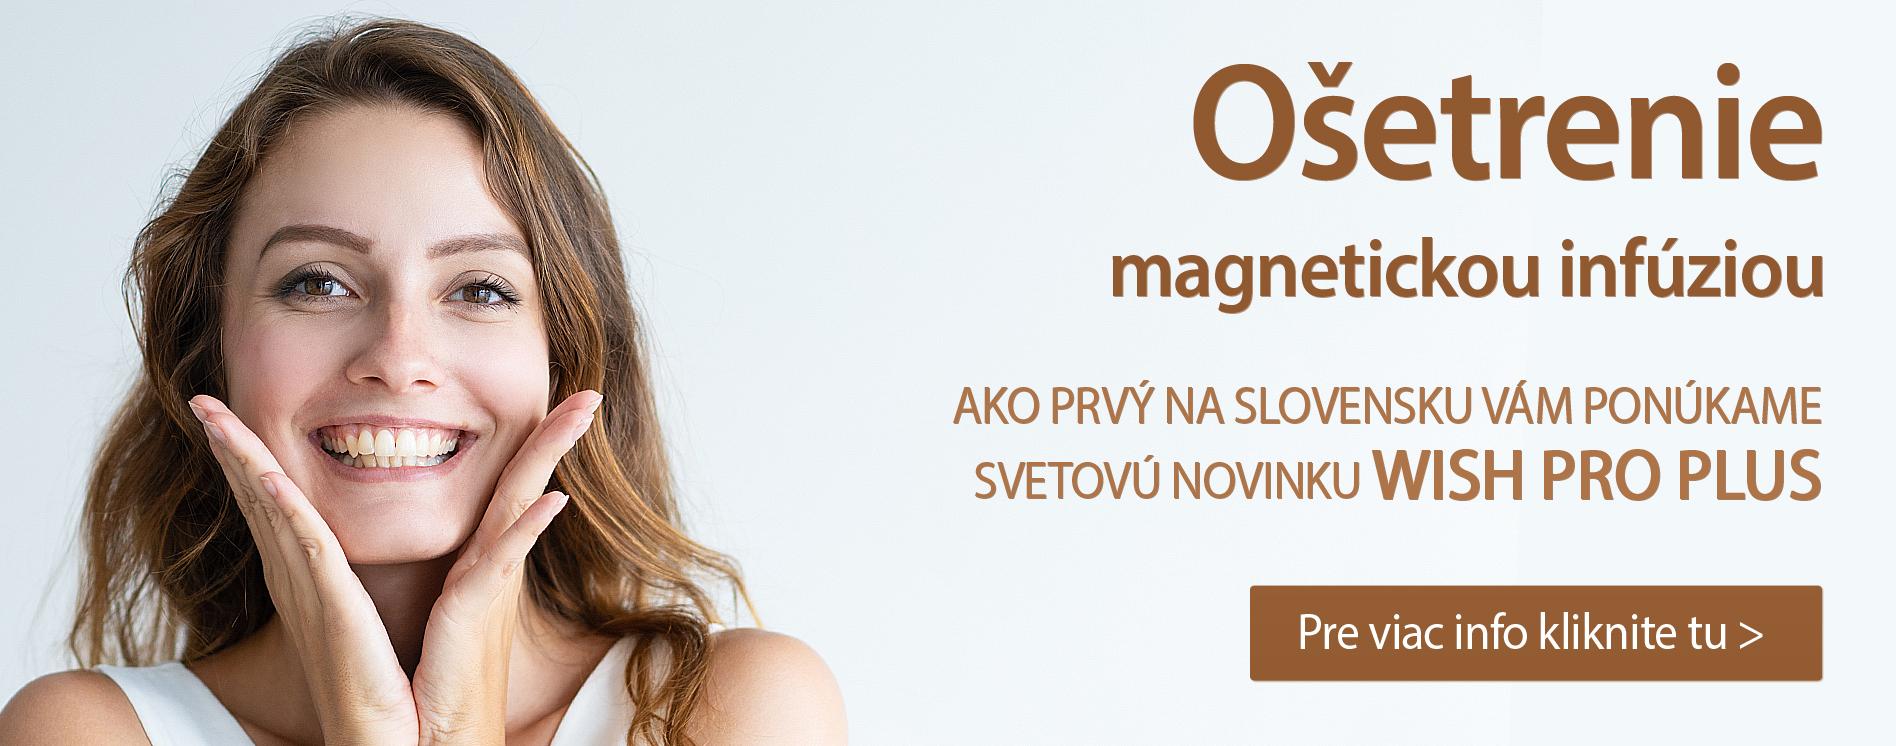 Ošetrenie magnetickou infúziou